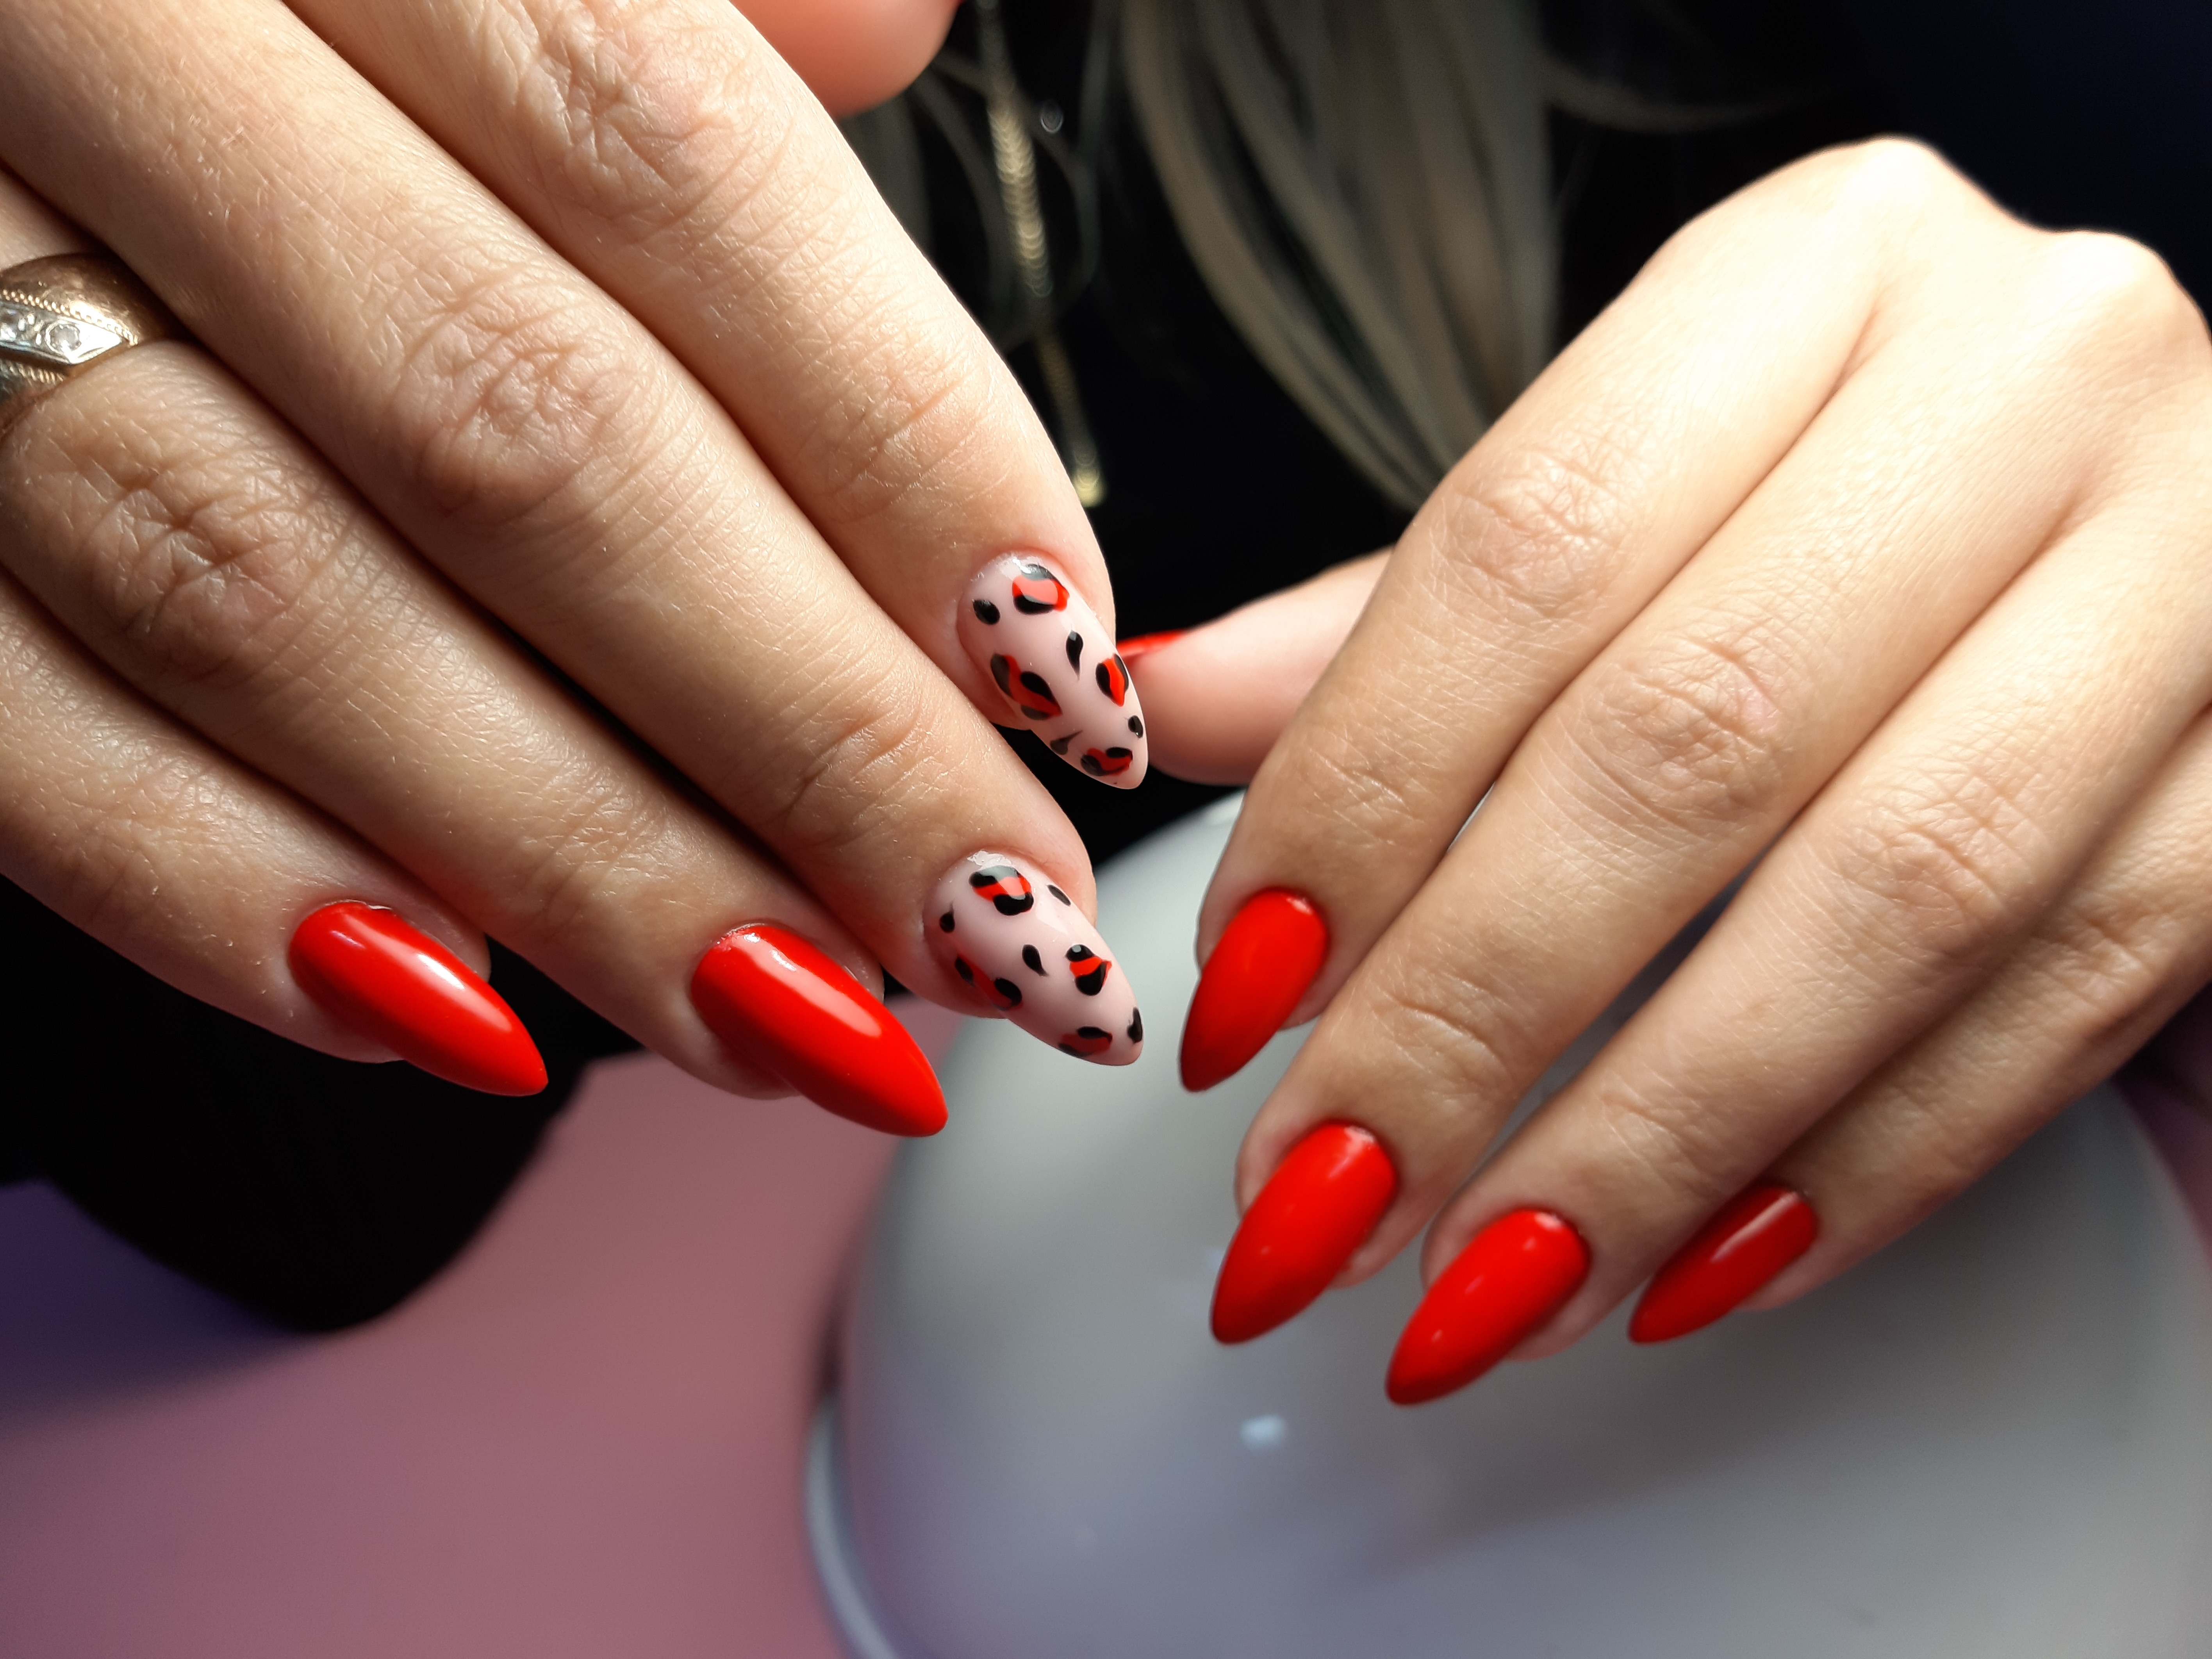 Маникюр в красном цвете с леопардовым принтом.